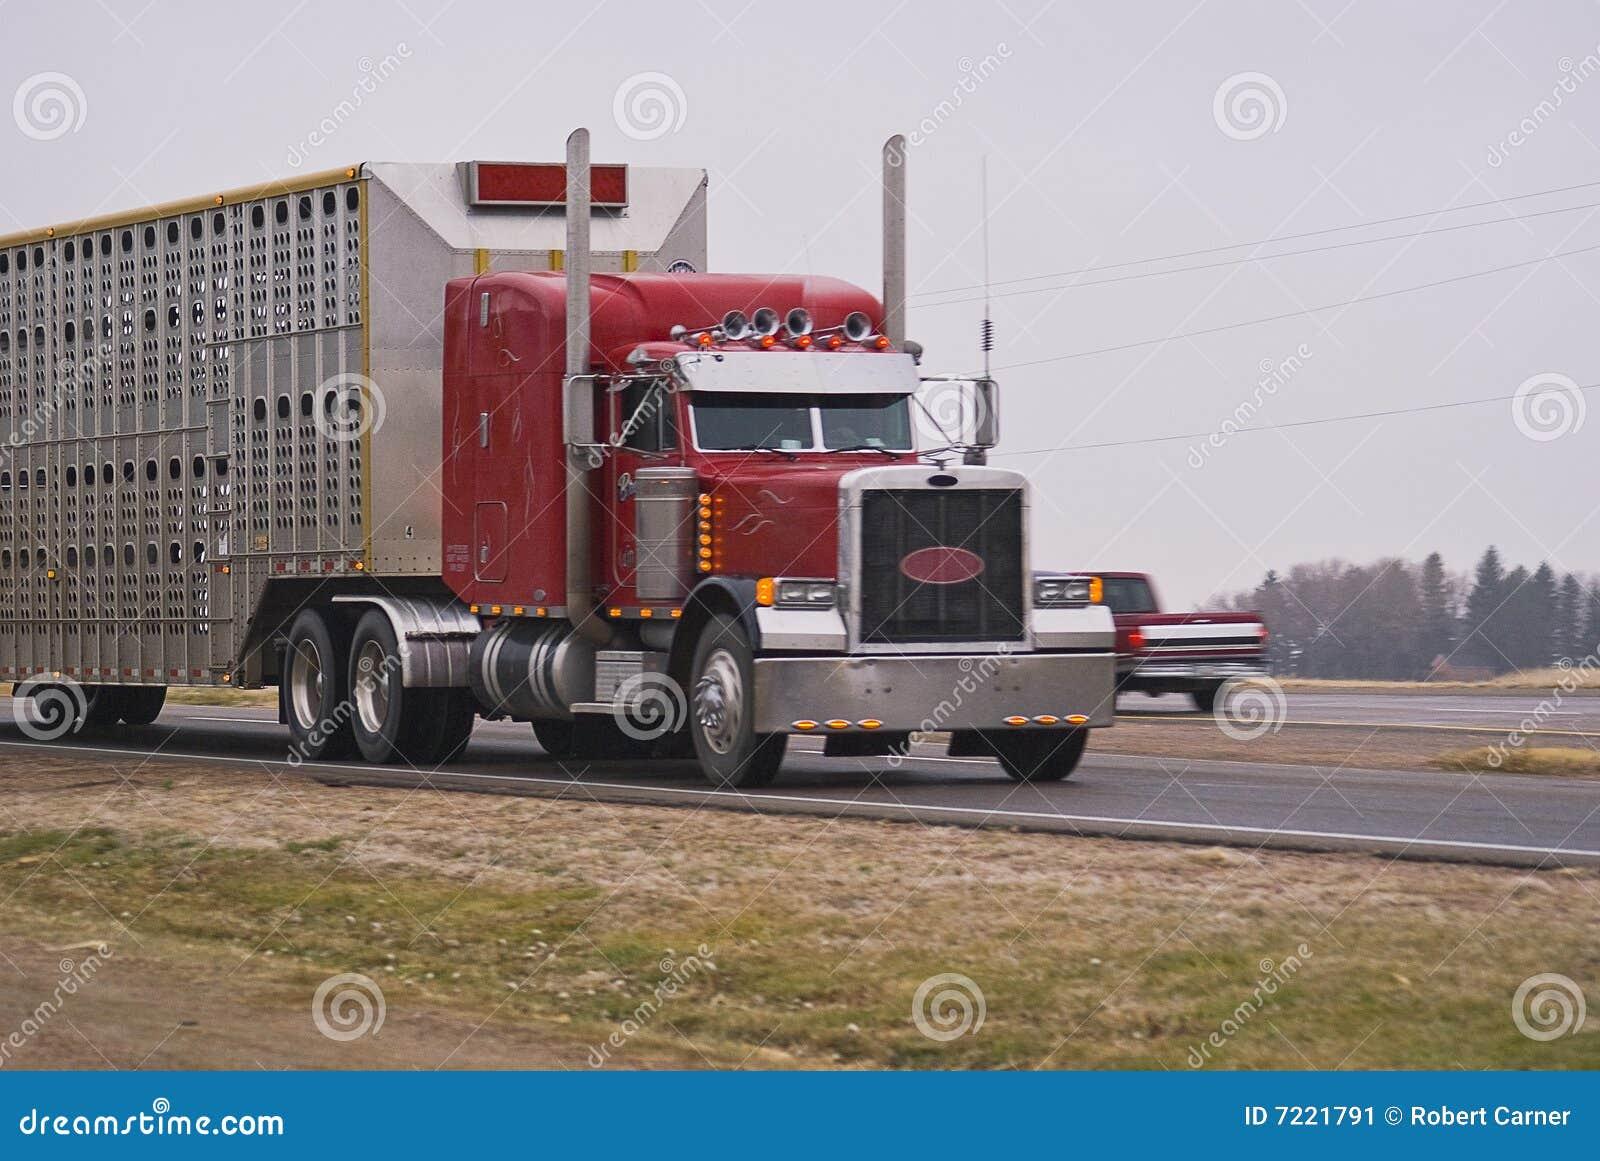 拉半拖车的家畜